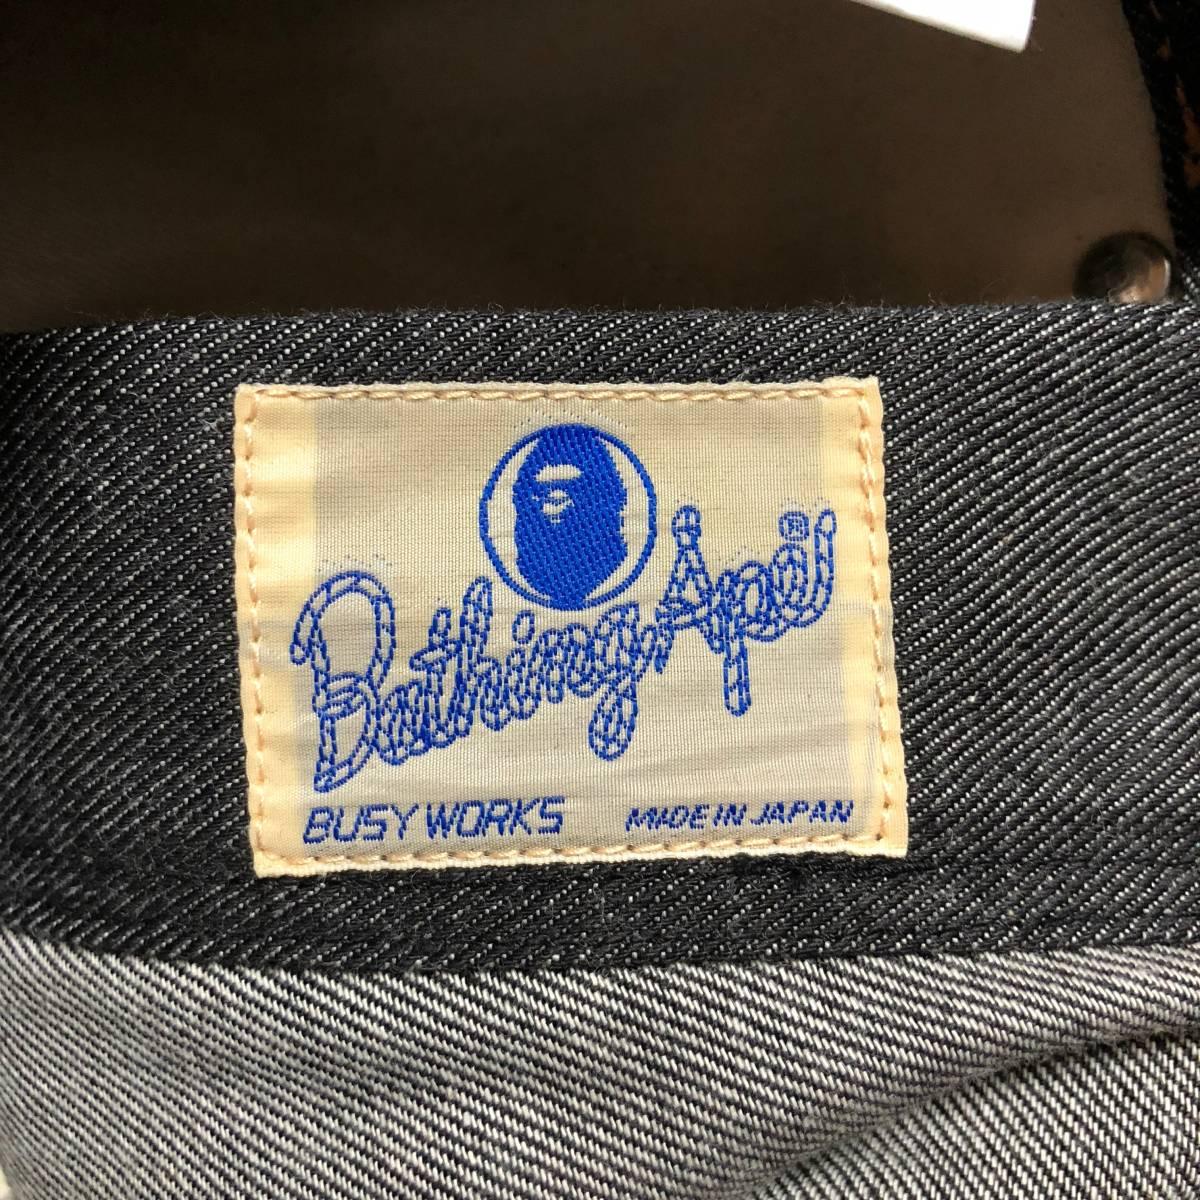 新品◆A BATHING APE ア ベイシング エイプ 2003 ブラックデニム パンツ ジーンズ Sサイズ /ラングラー風デザイン/日本製_画像8